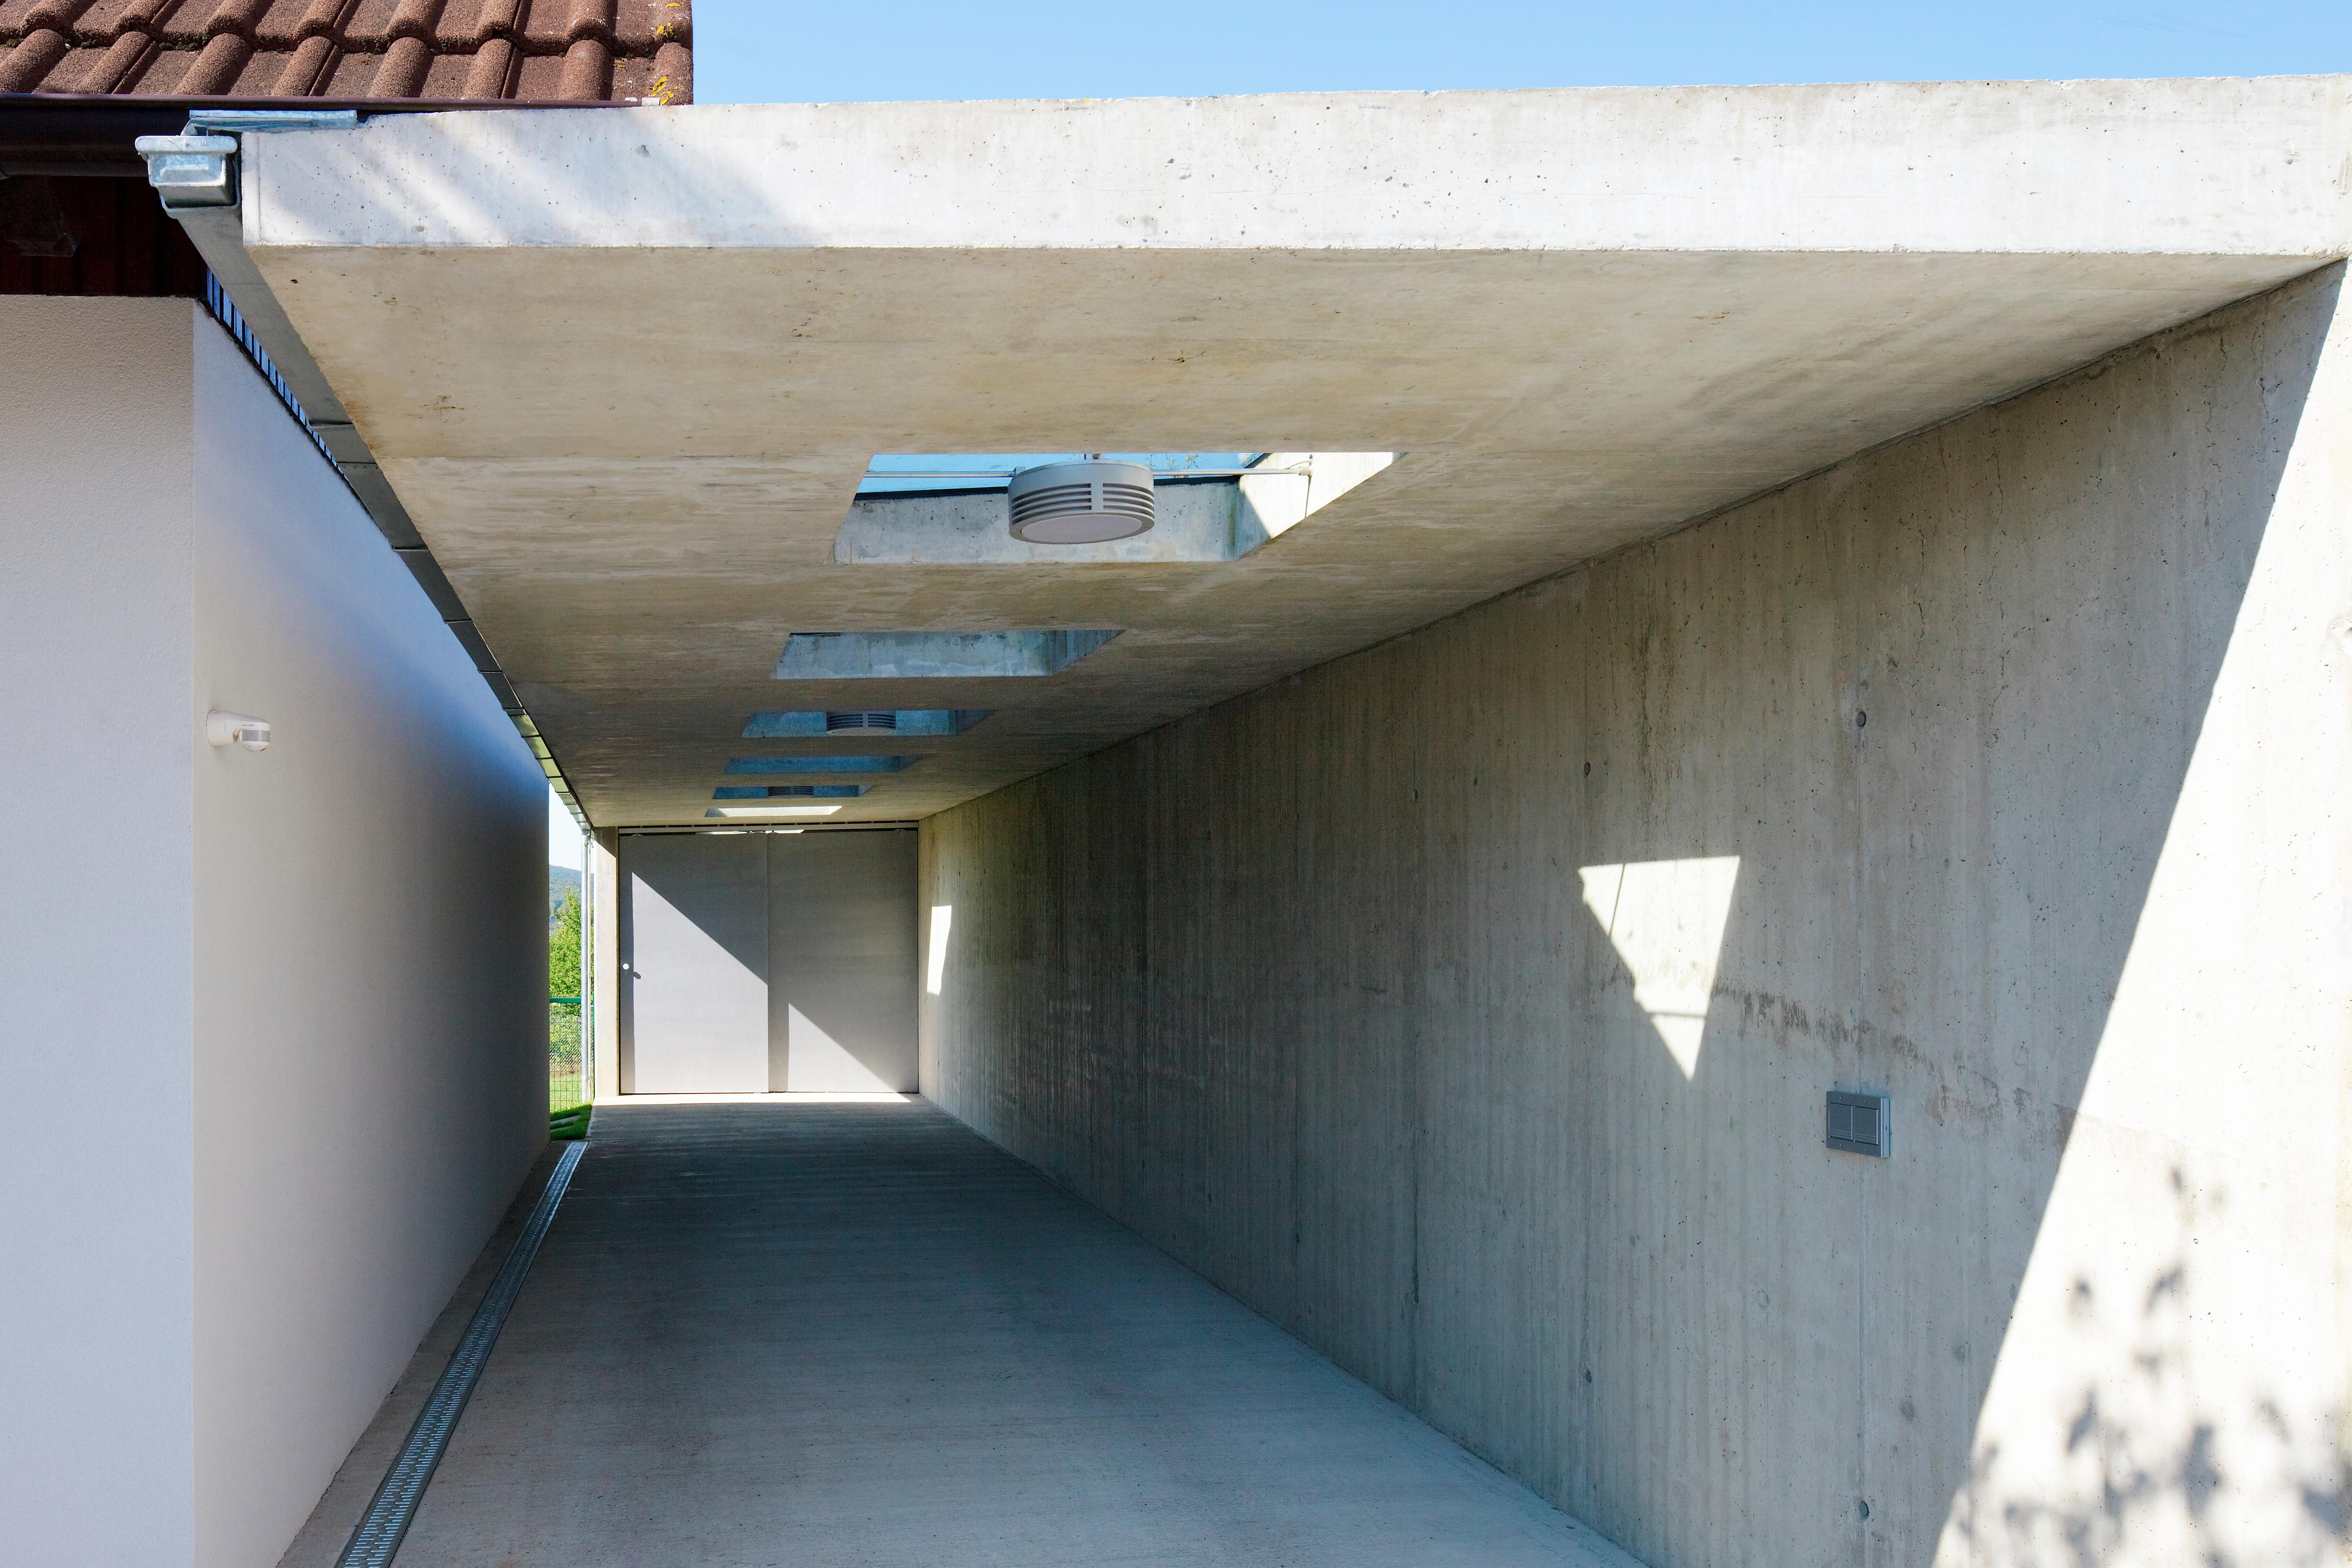 <p>© RUNSER / PRANTL architekten, Haus P., Autoabstellplatz und Terrasse, 3400 Klosterneuburg, Niederösterreich, Österreich, 2012, Wohnhaus, Fotograf Rupert Steiner</p>